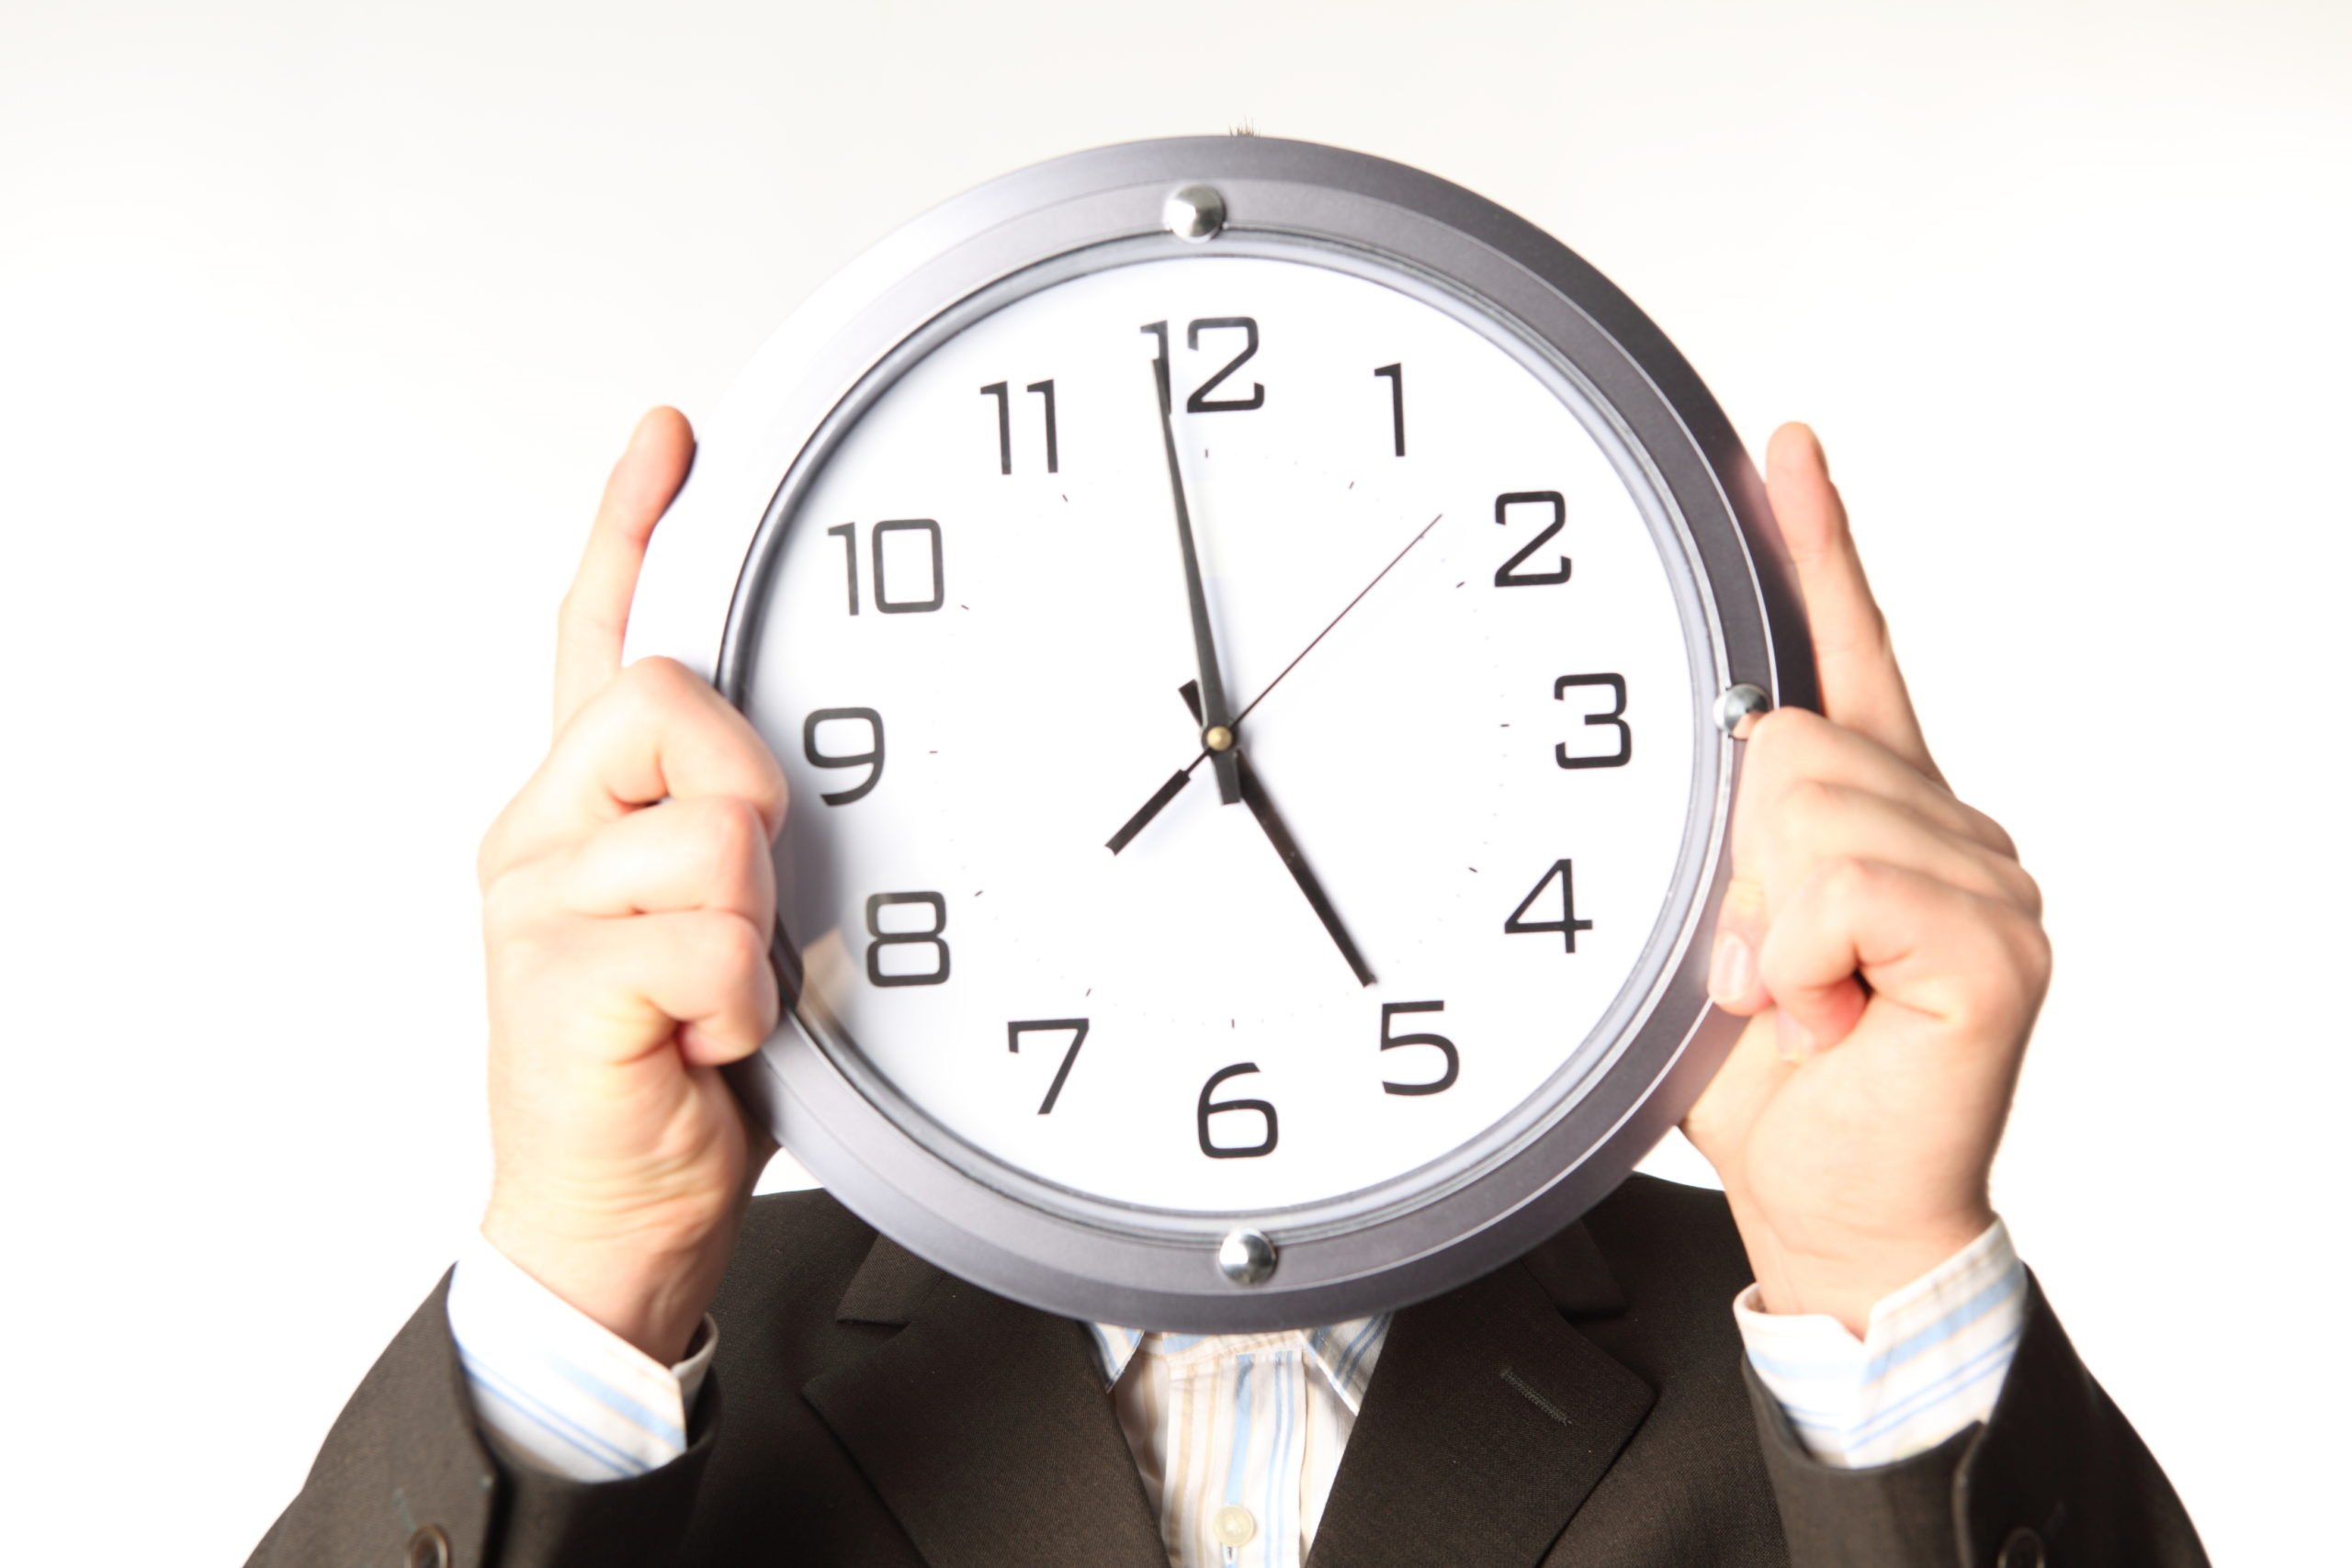 ajajuhtimine, aja planeerimine, produktiivsus, efektiivsus, kiire